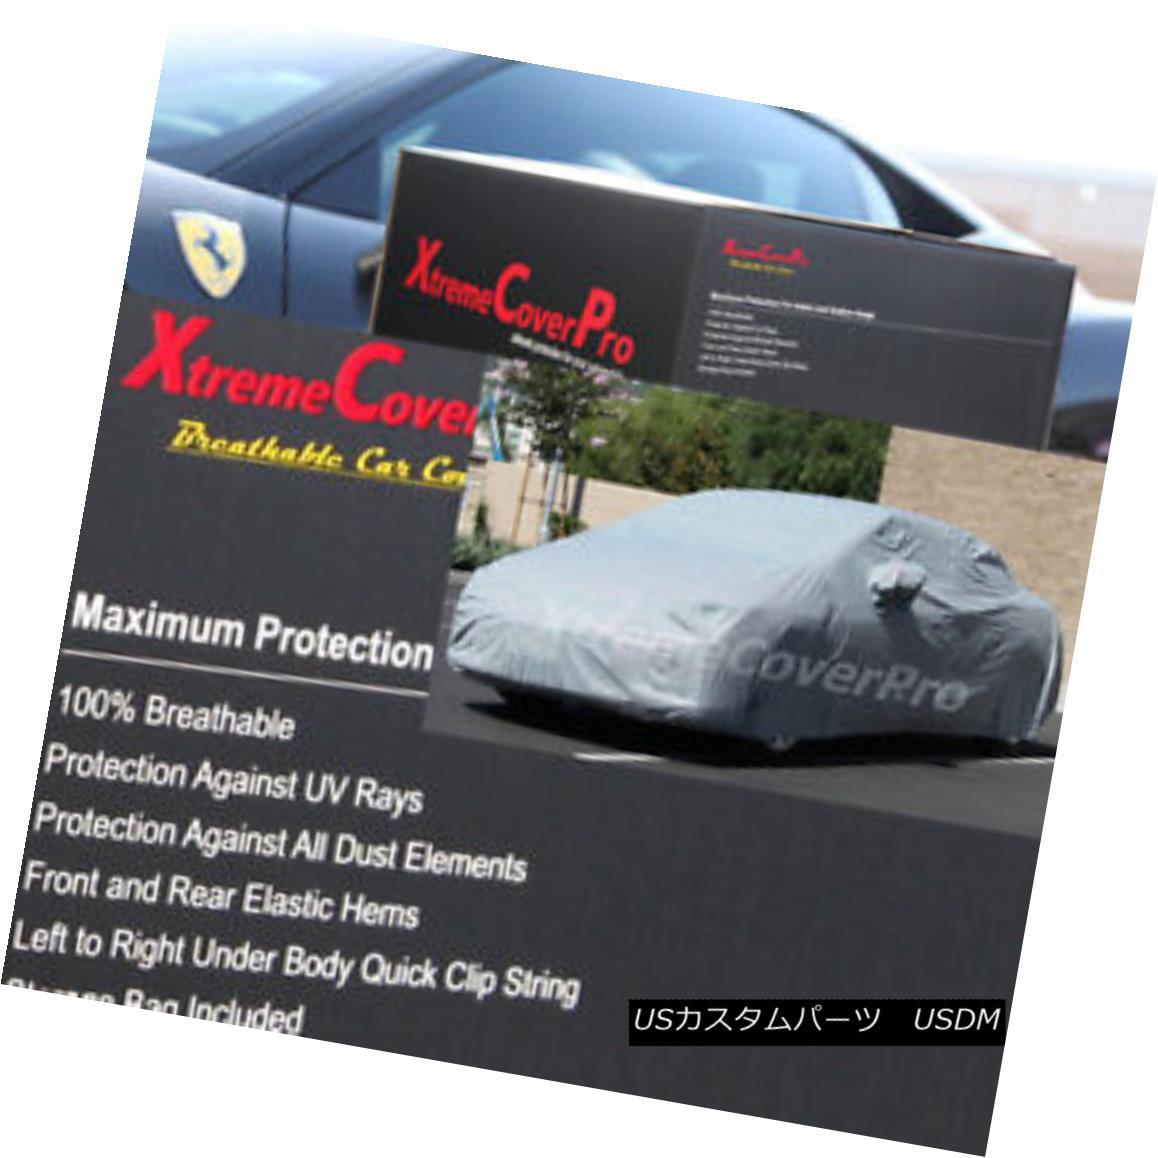 カーカバー 2005 2006 2007 Ford Focus 3-Door Hatchback Breathable Car Cover w/MirrorPocket 2005年2006年2007年フォードフォーカス3ドアハッチバック通気性車カバー付きMirrorPocket